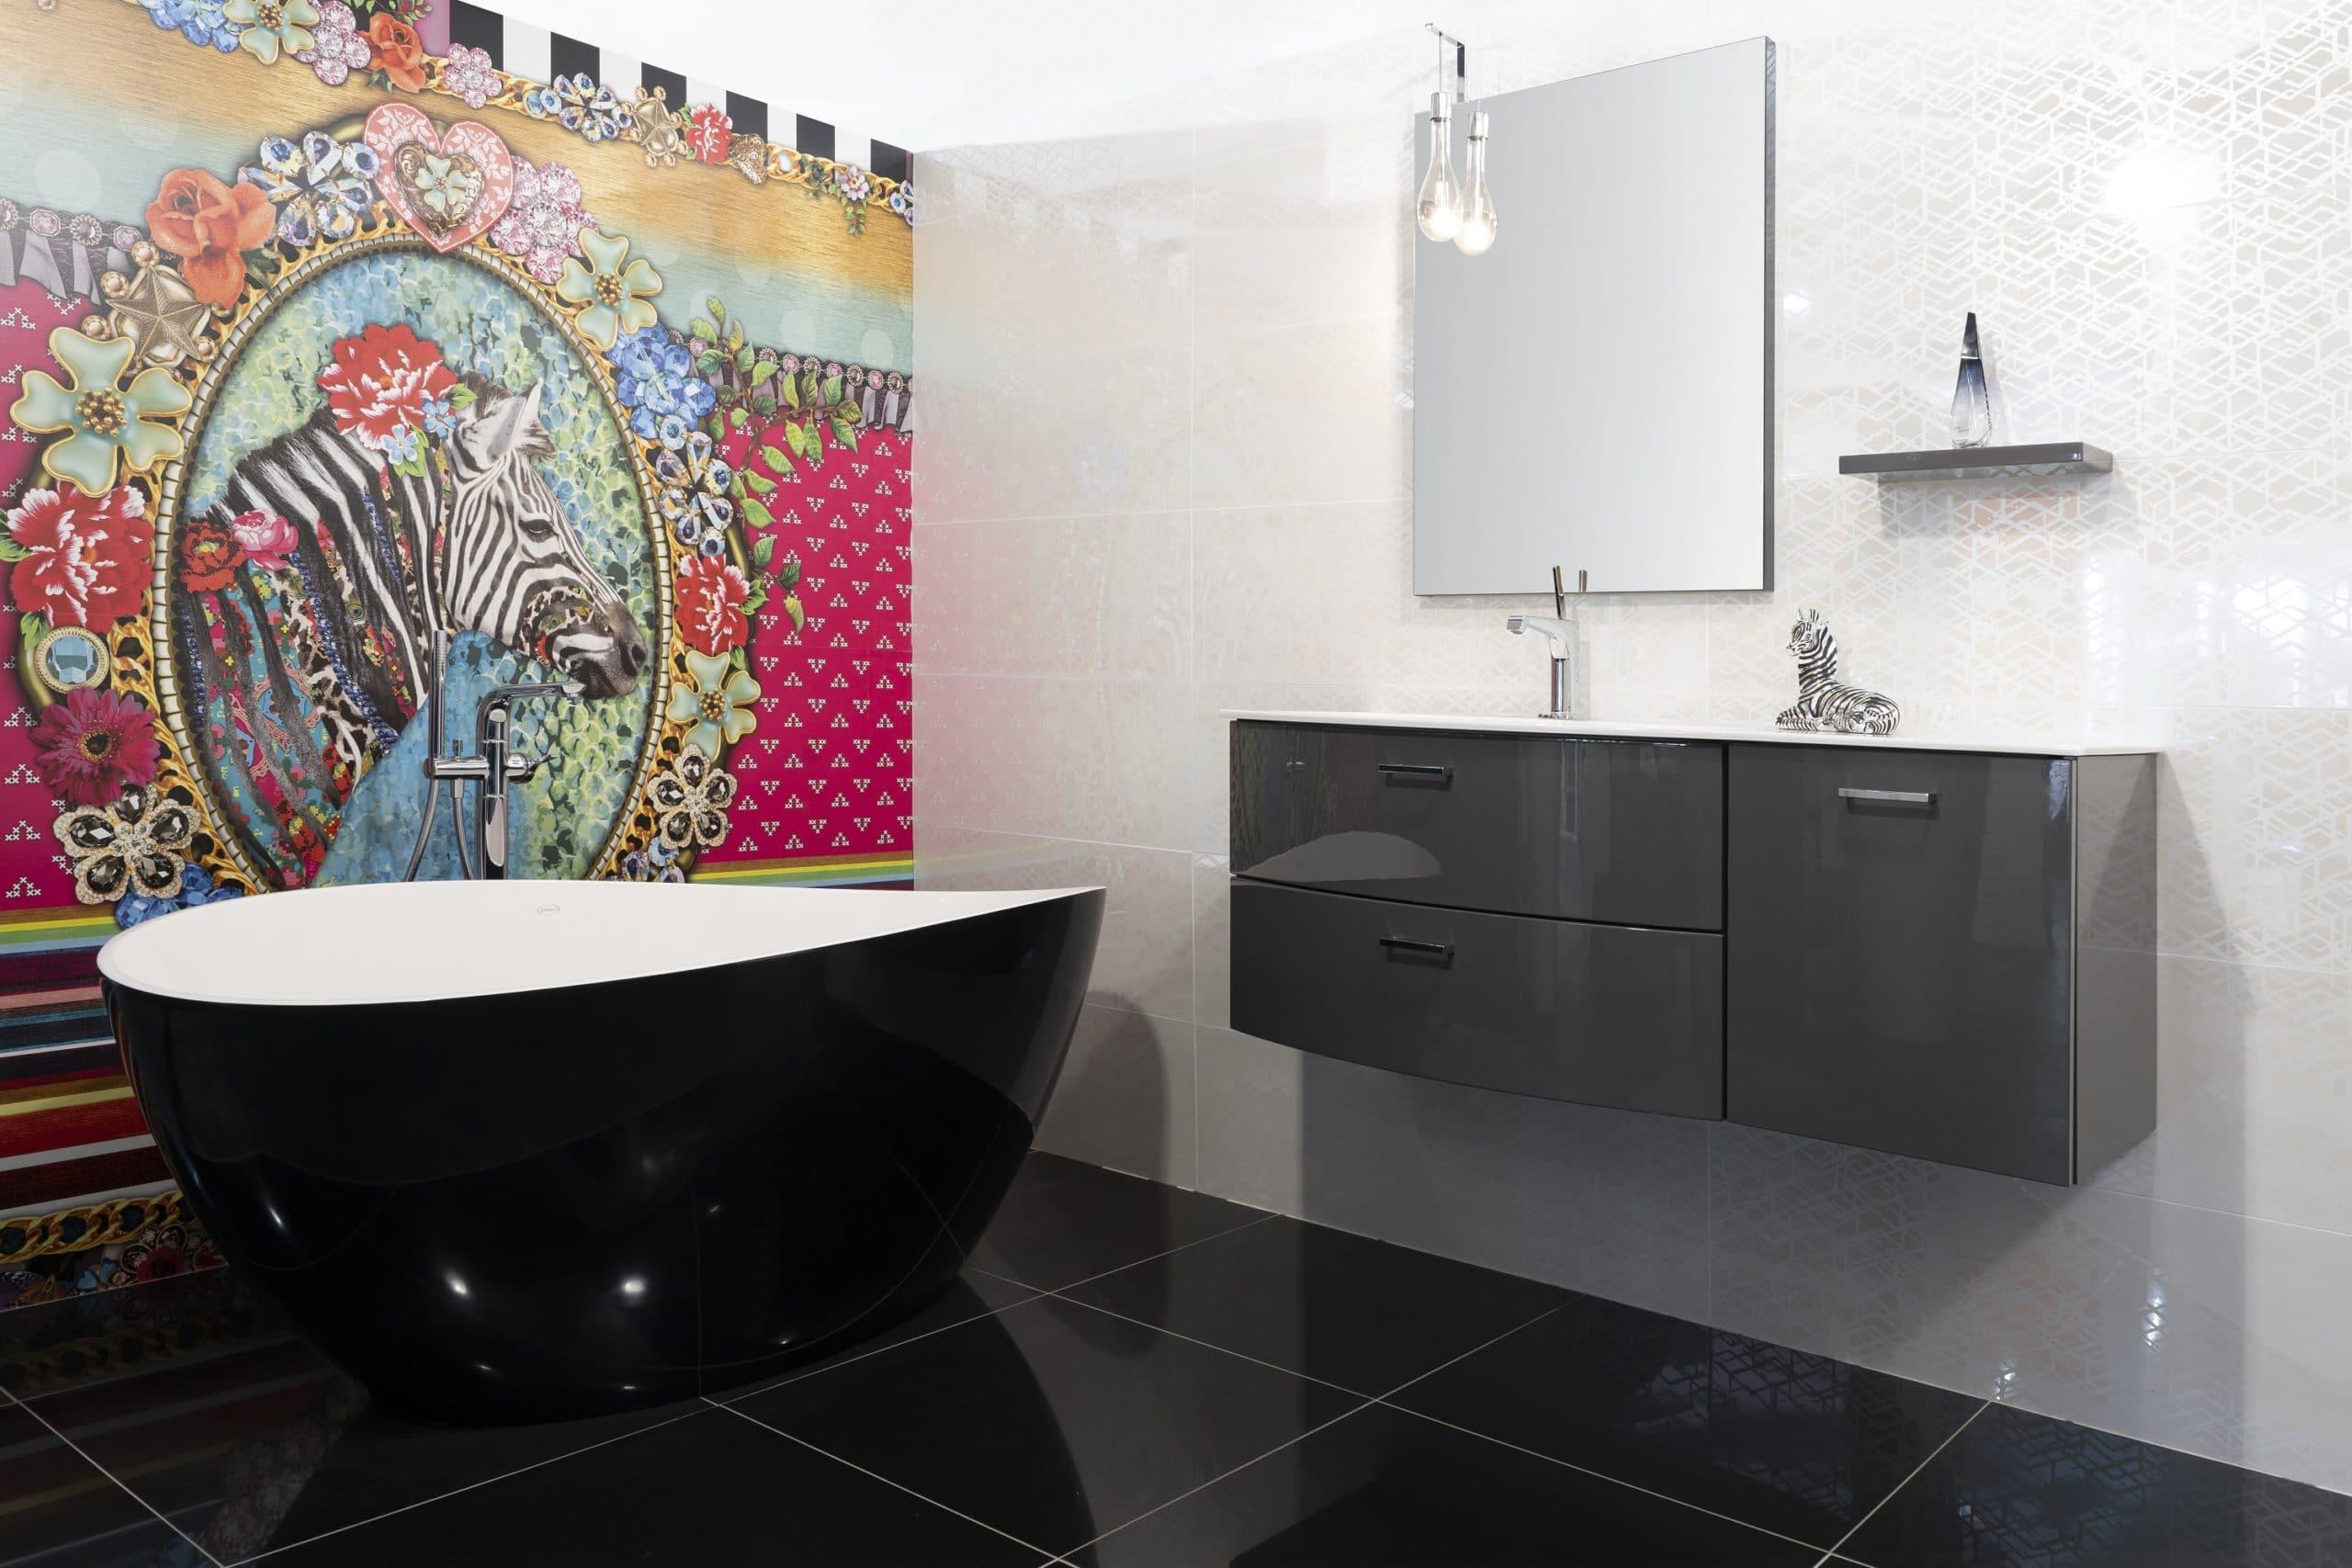 salle-de-bain-campagne-chic-pau-pière